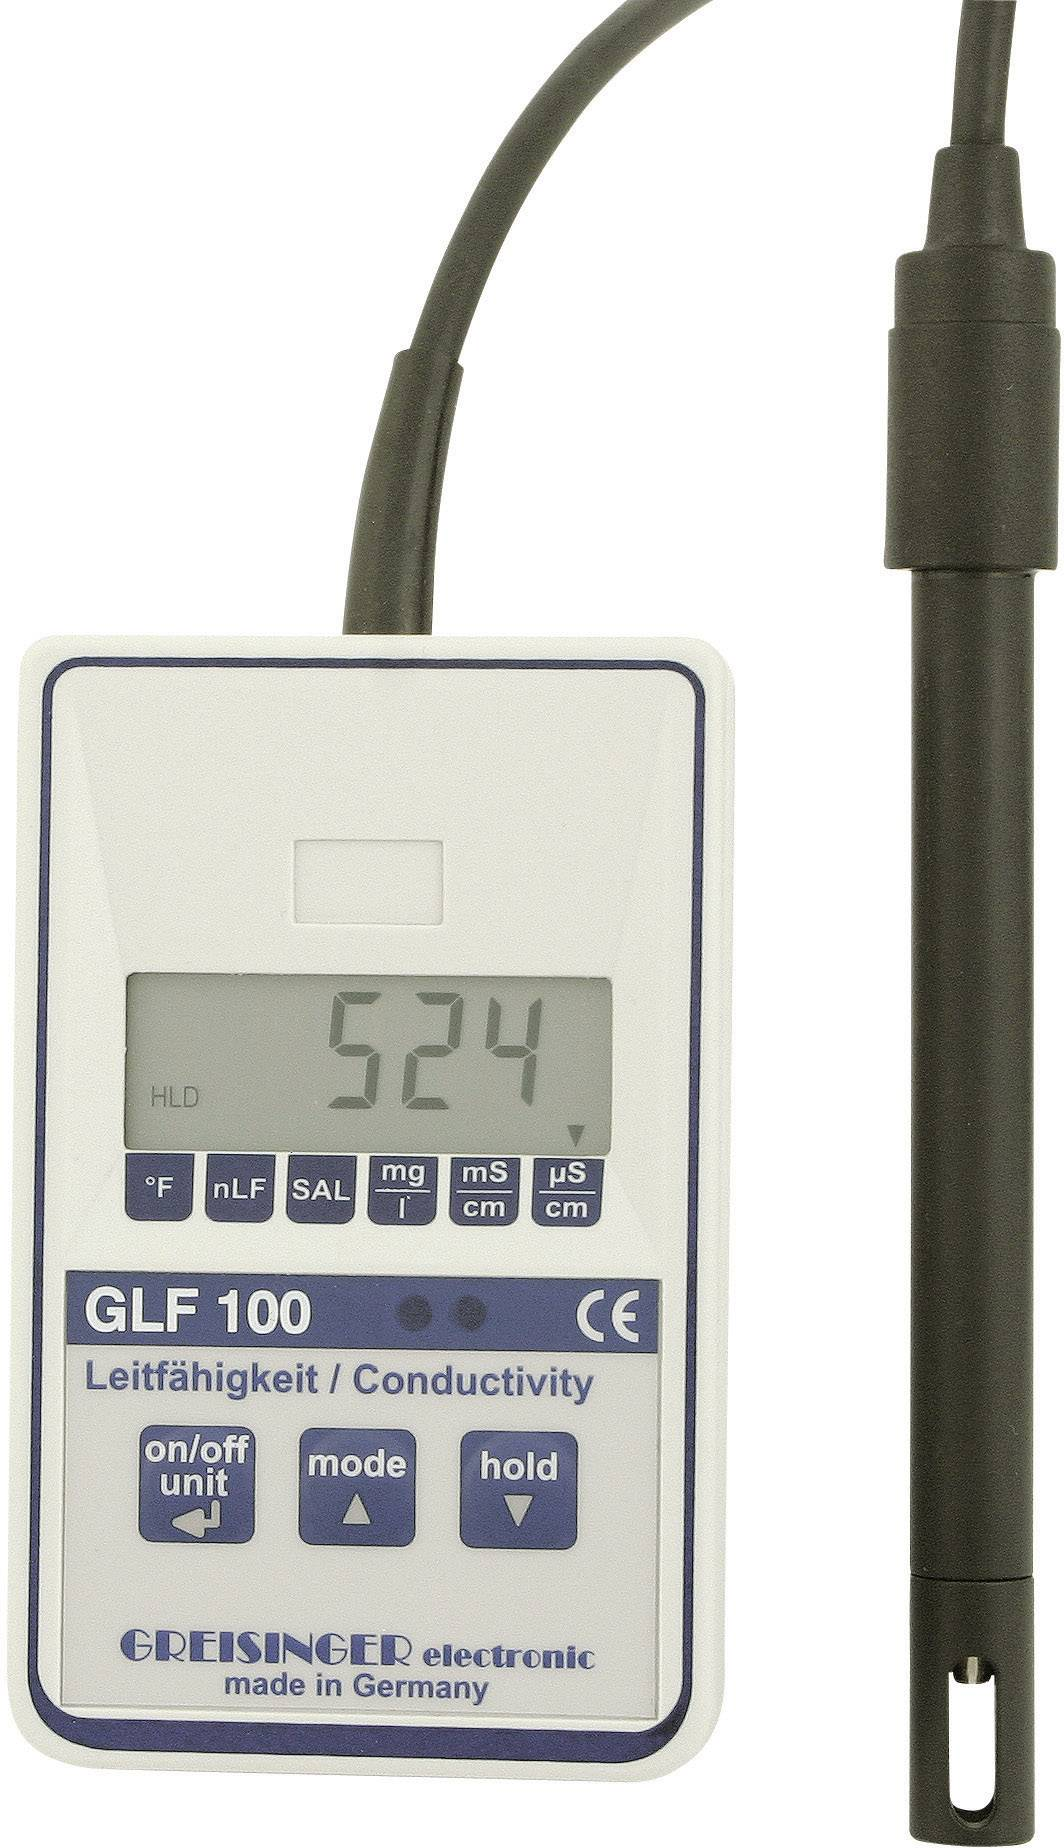 Univerzální měřič elektrické vodivosti Greisinger GLF 100,115090